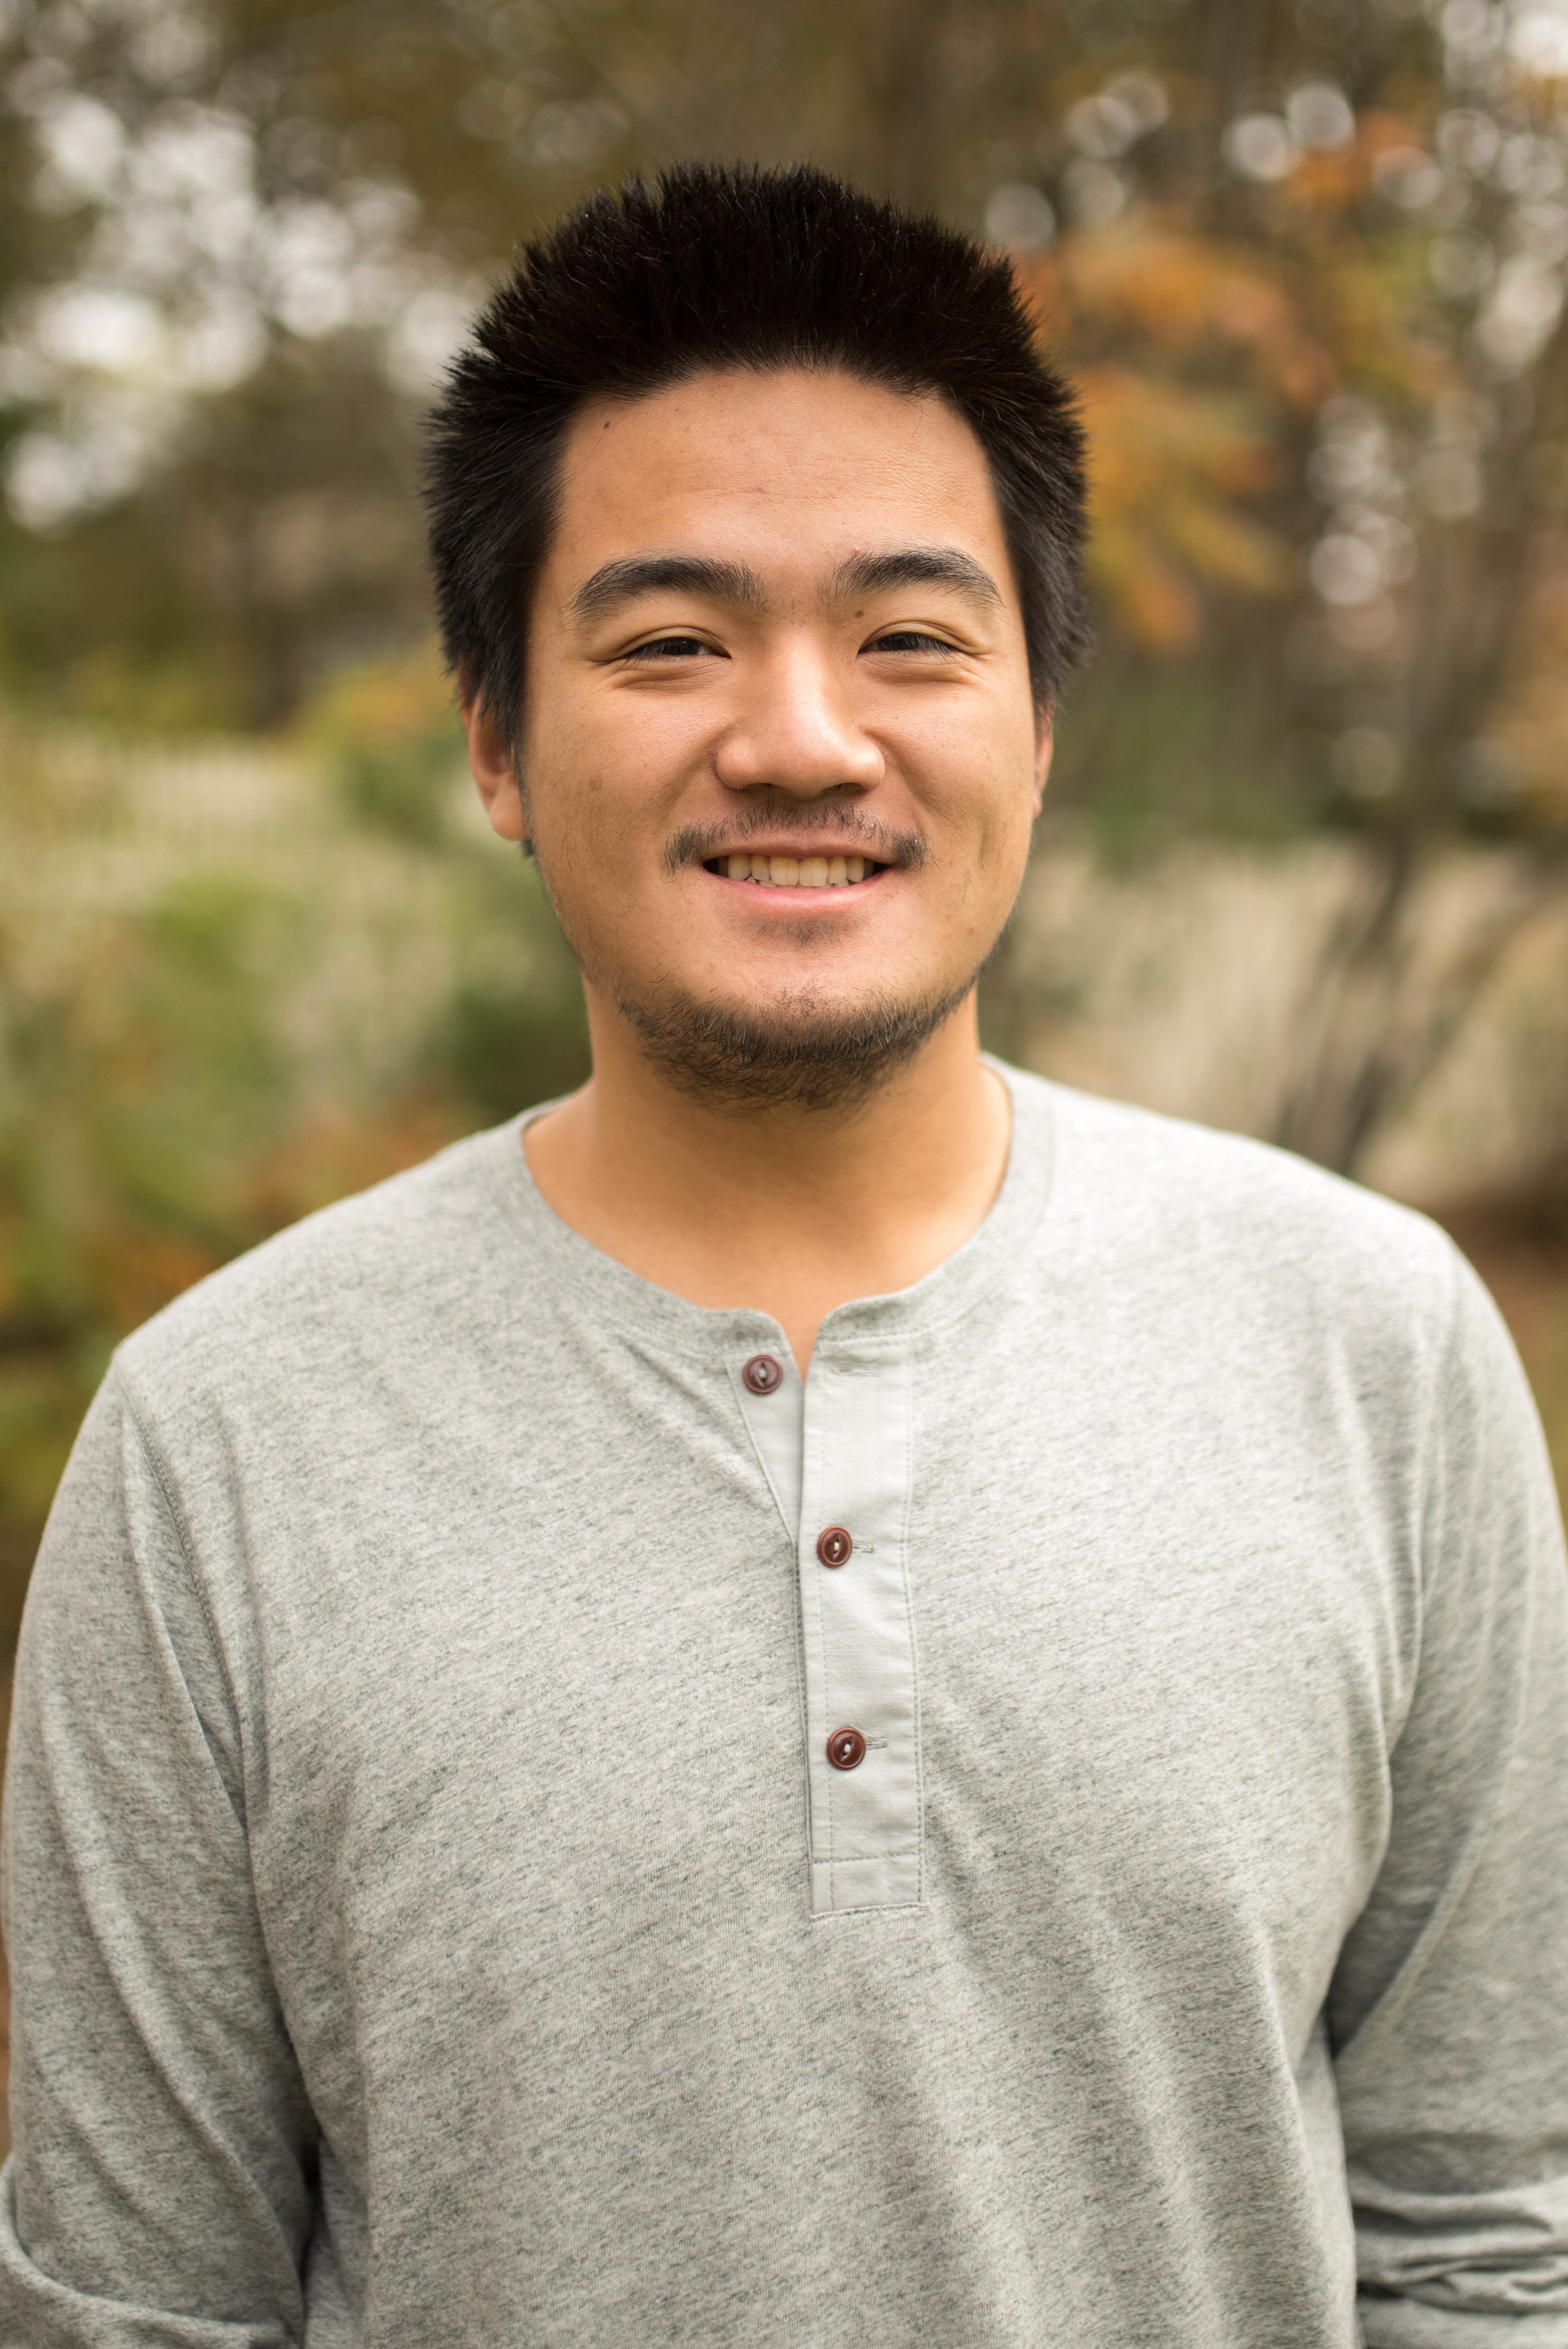 Anthony Chen